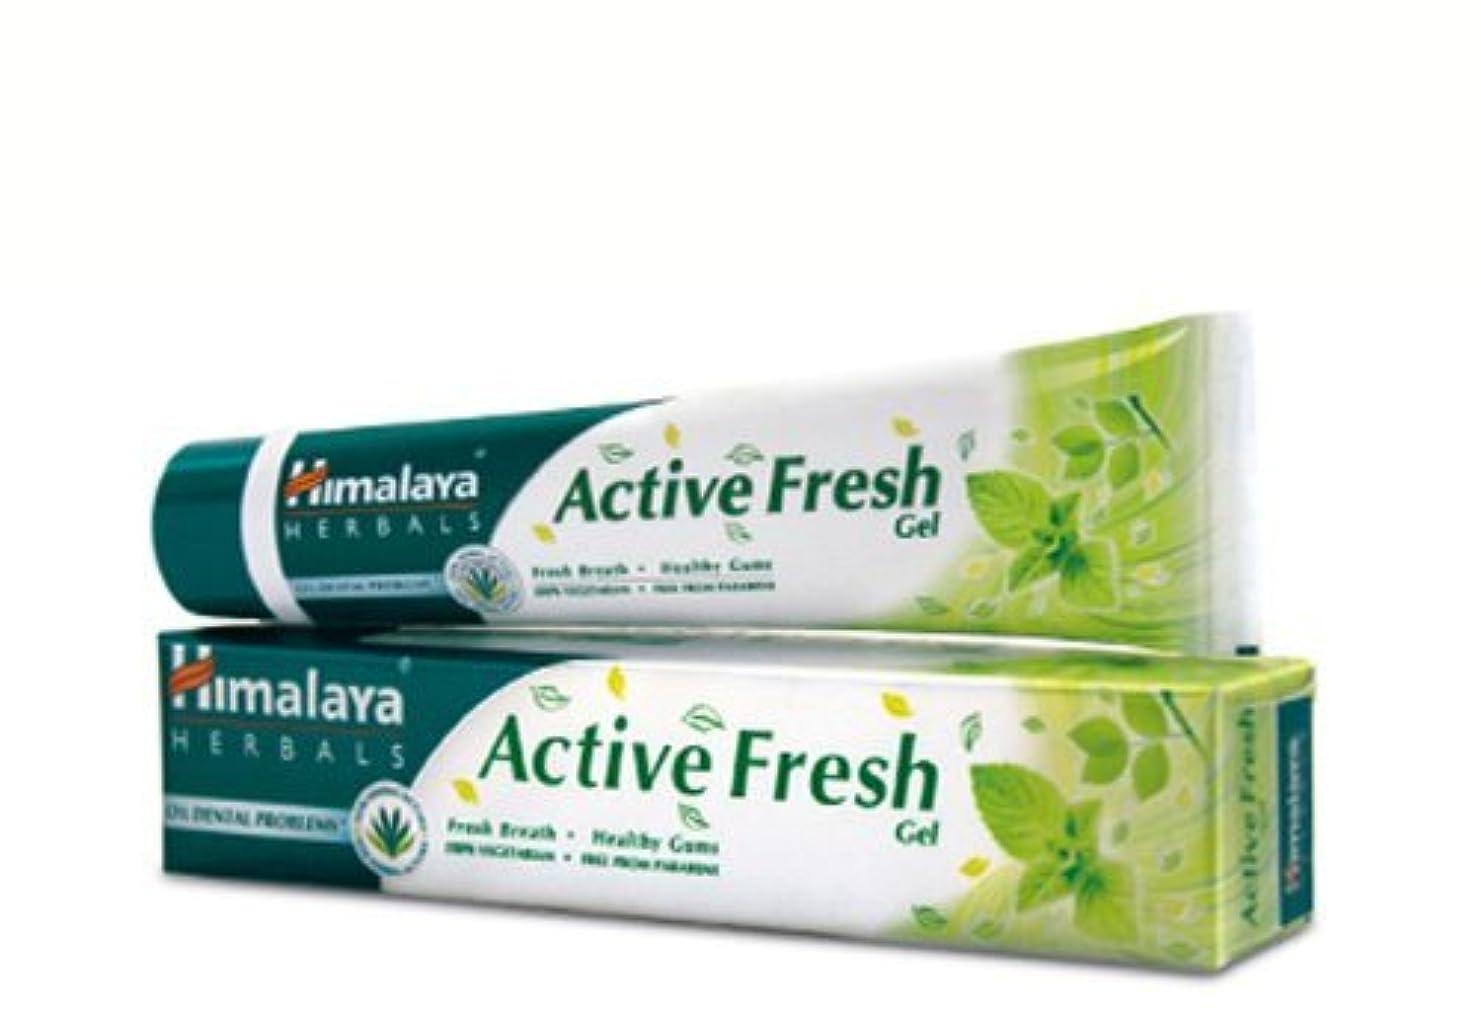 不機嫌そうな独創的パテヒマラヤ トゥースペイスト アクティブ フレッシュ(歯磨き粉)80g×4本 Himalaya Active Fresh Toothpaste